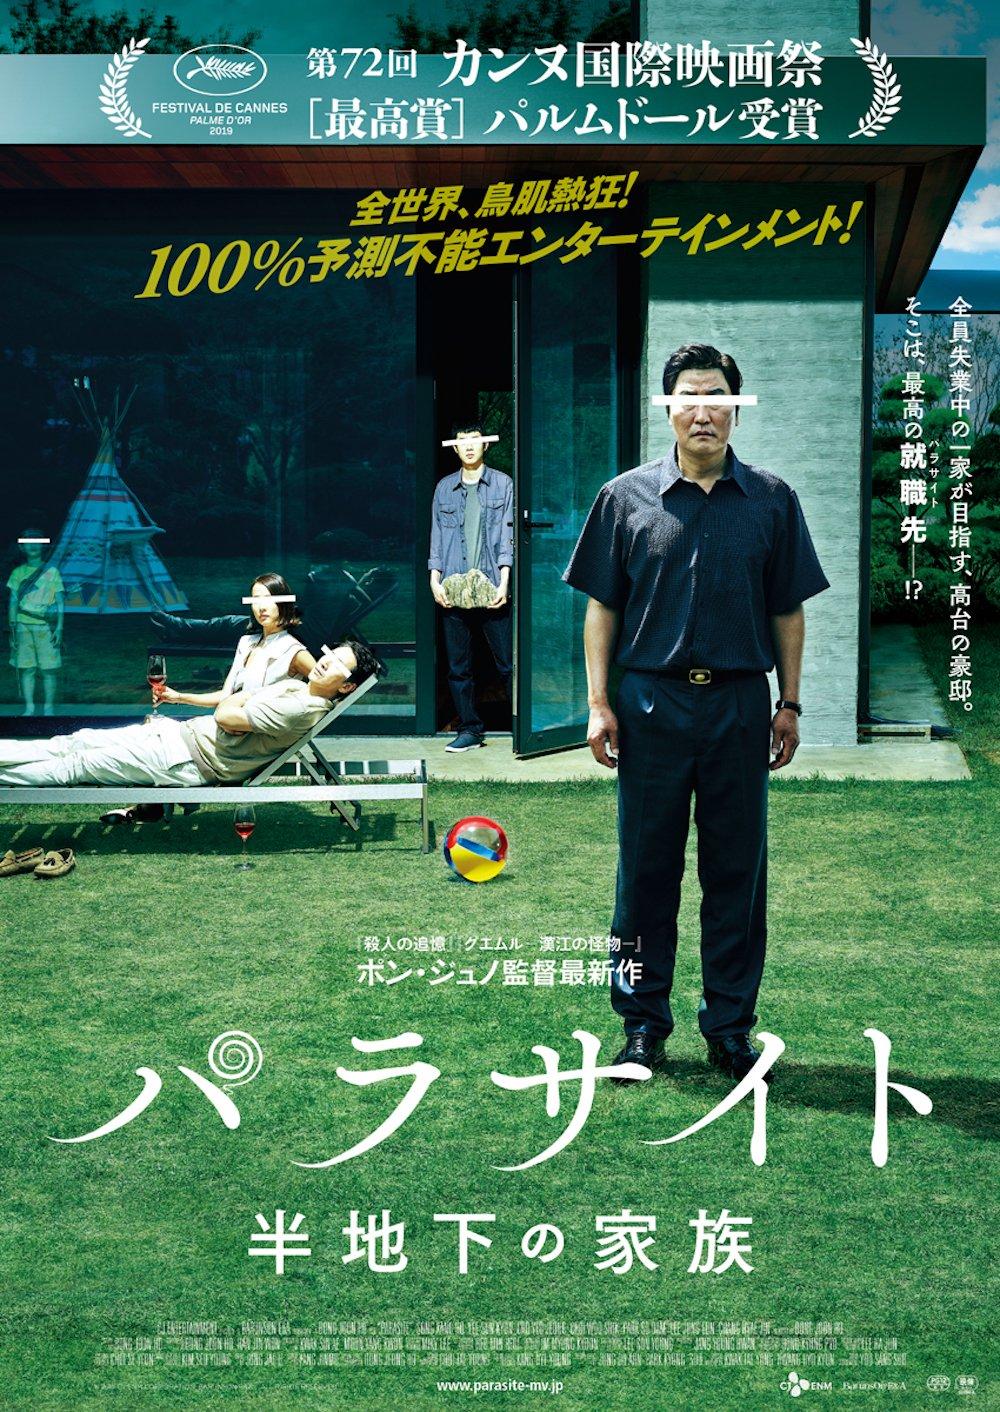 2020年日本电影票房收入13.8亿美元,位列世界第3